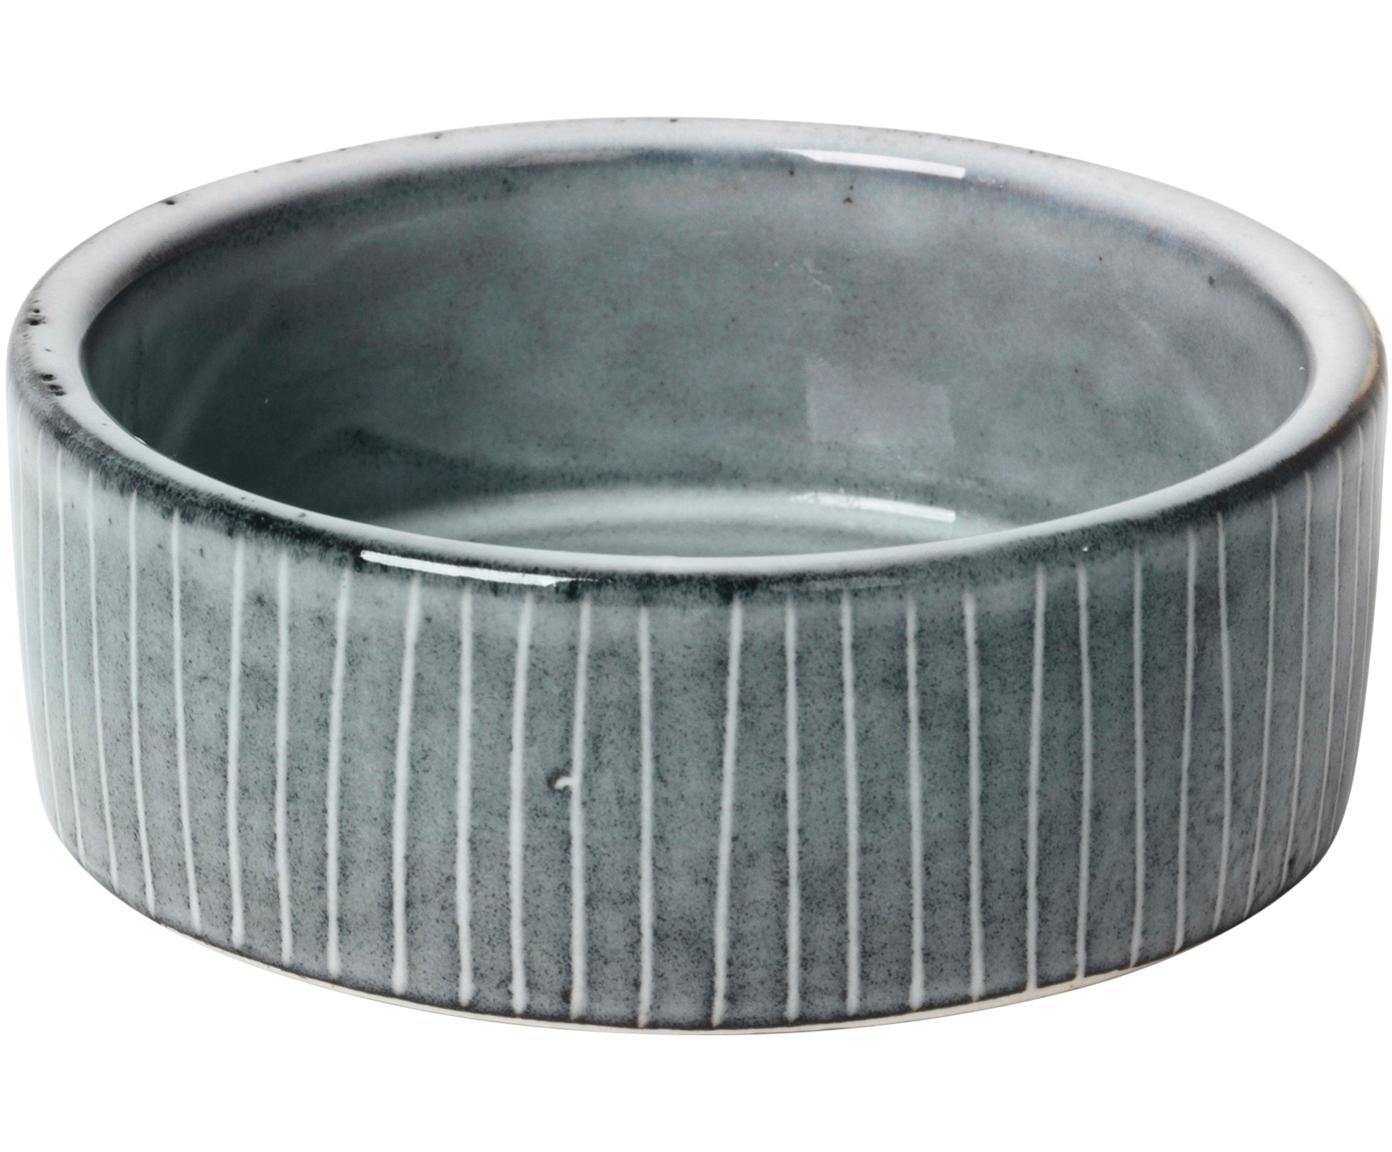 Cuencos artesanales Nordic Sea, 4uds., Gres, Tonos de gris y azul, Ø 8 x Al 3 cm